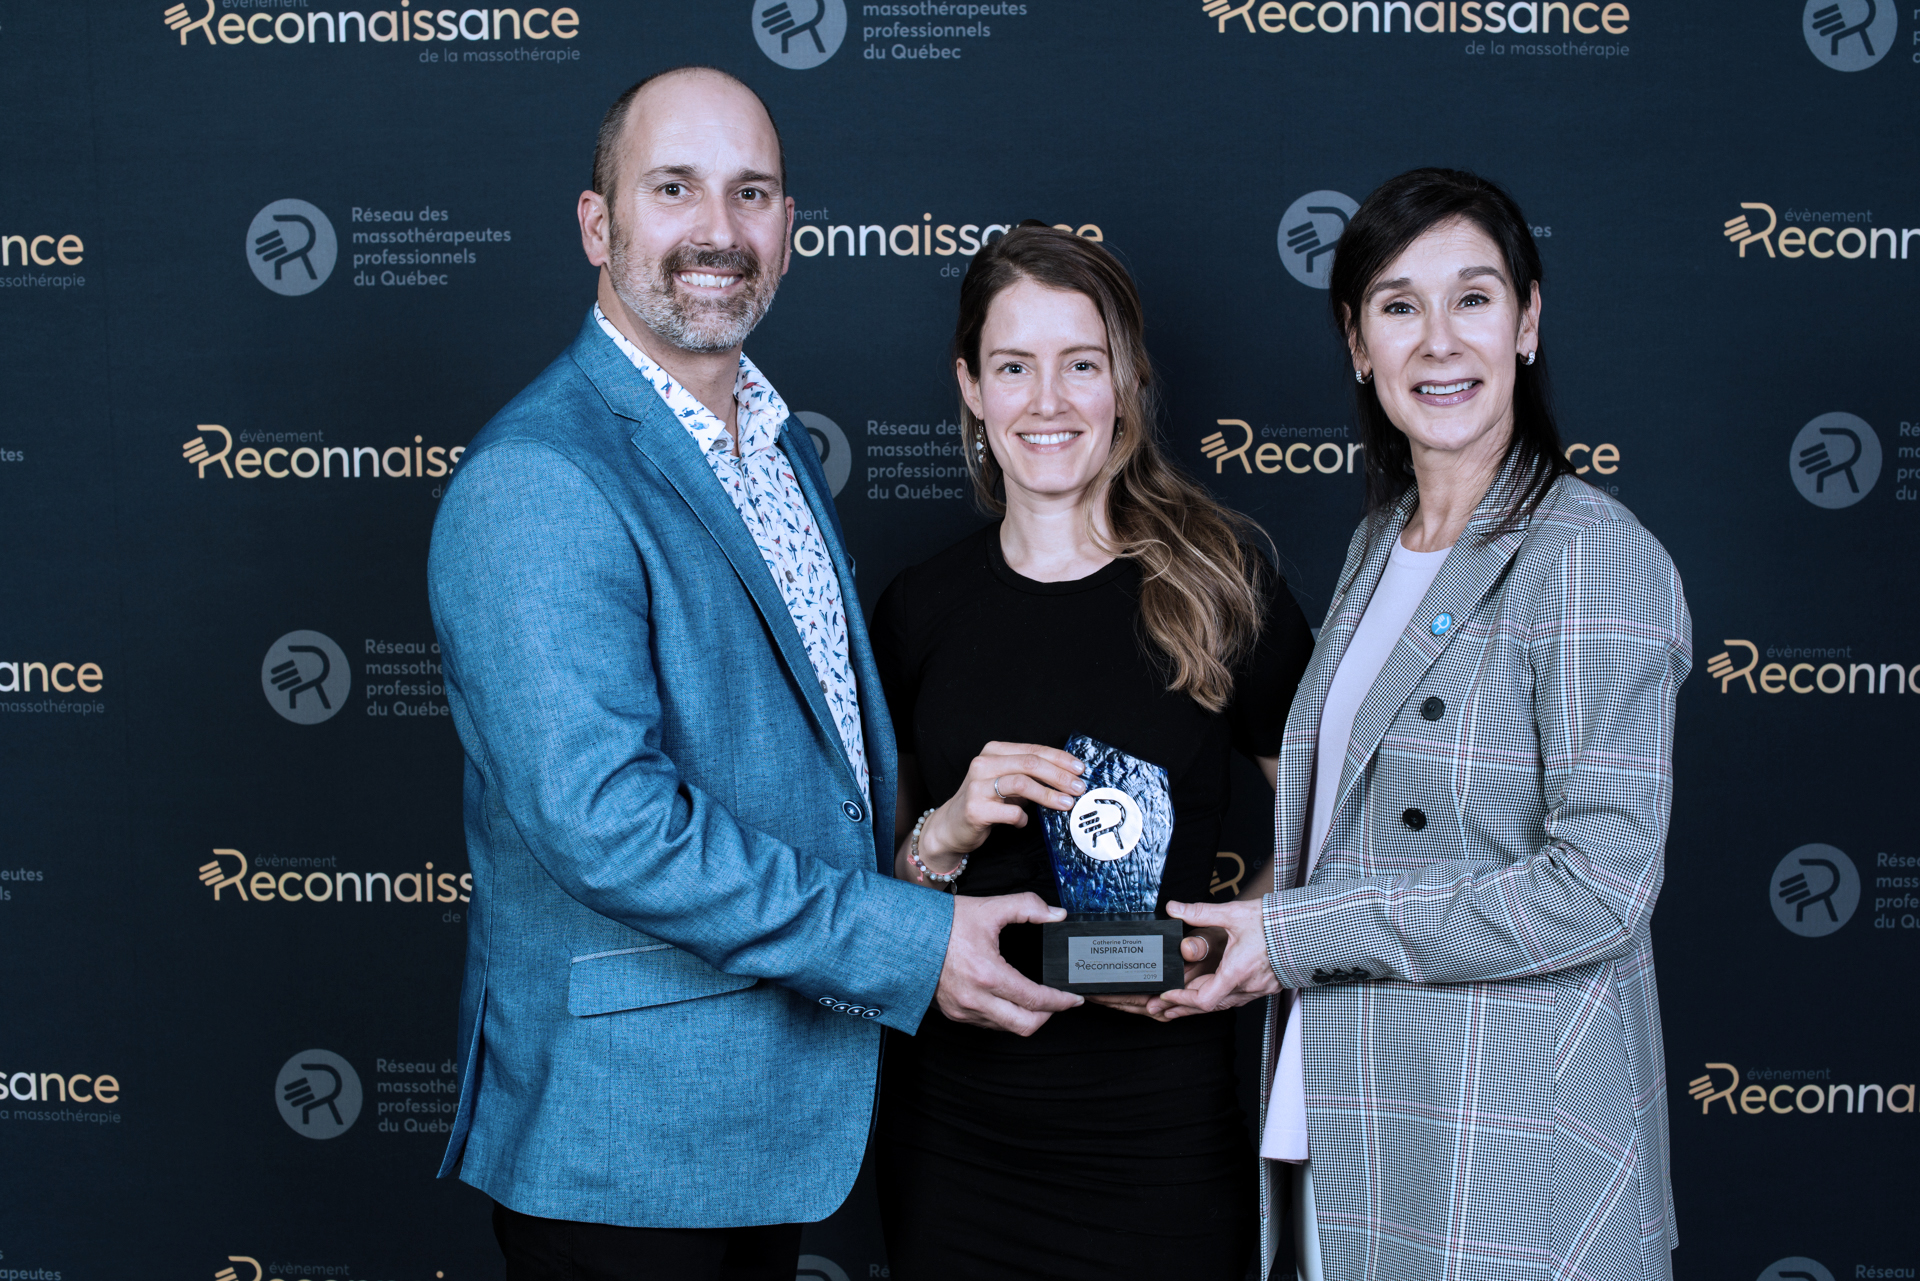 Catherine Drouin Évènement reconnaissance de la massothérapie 2019